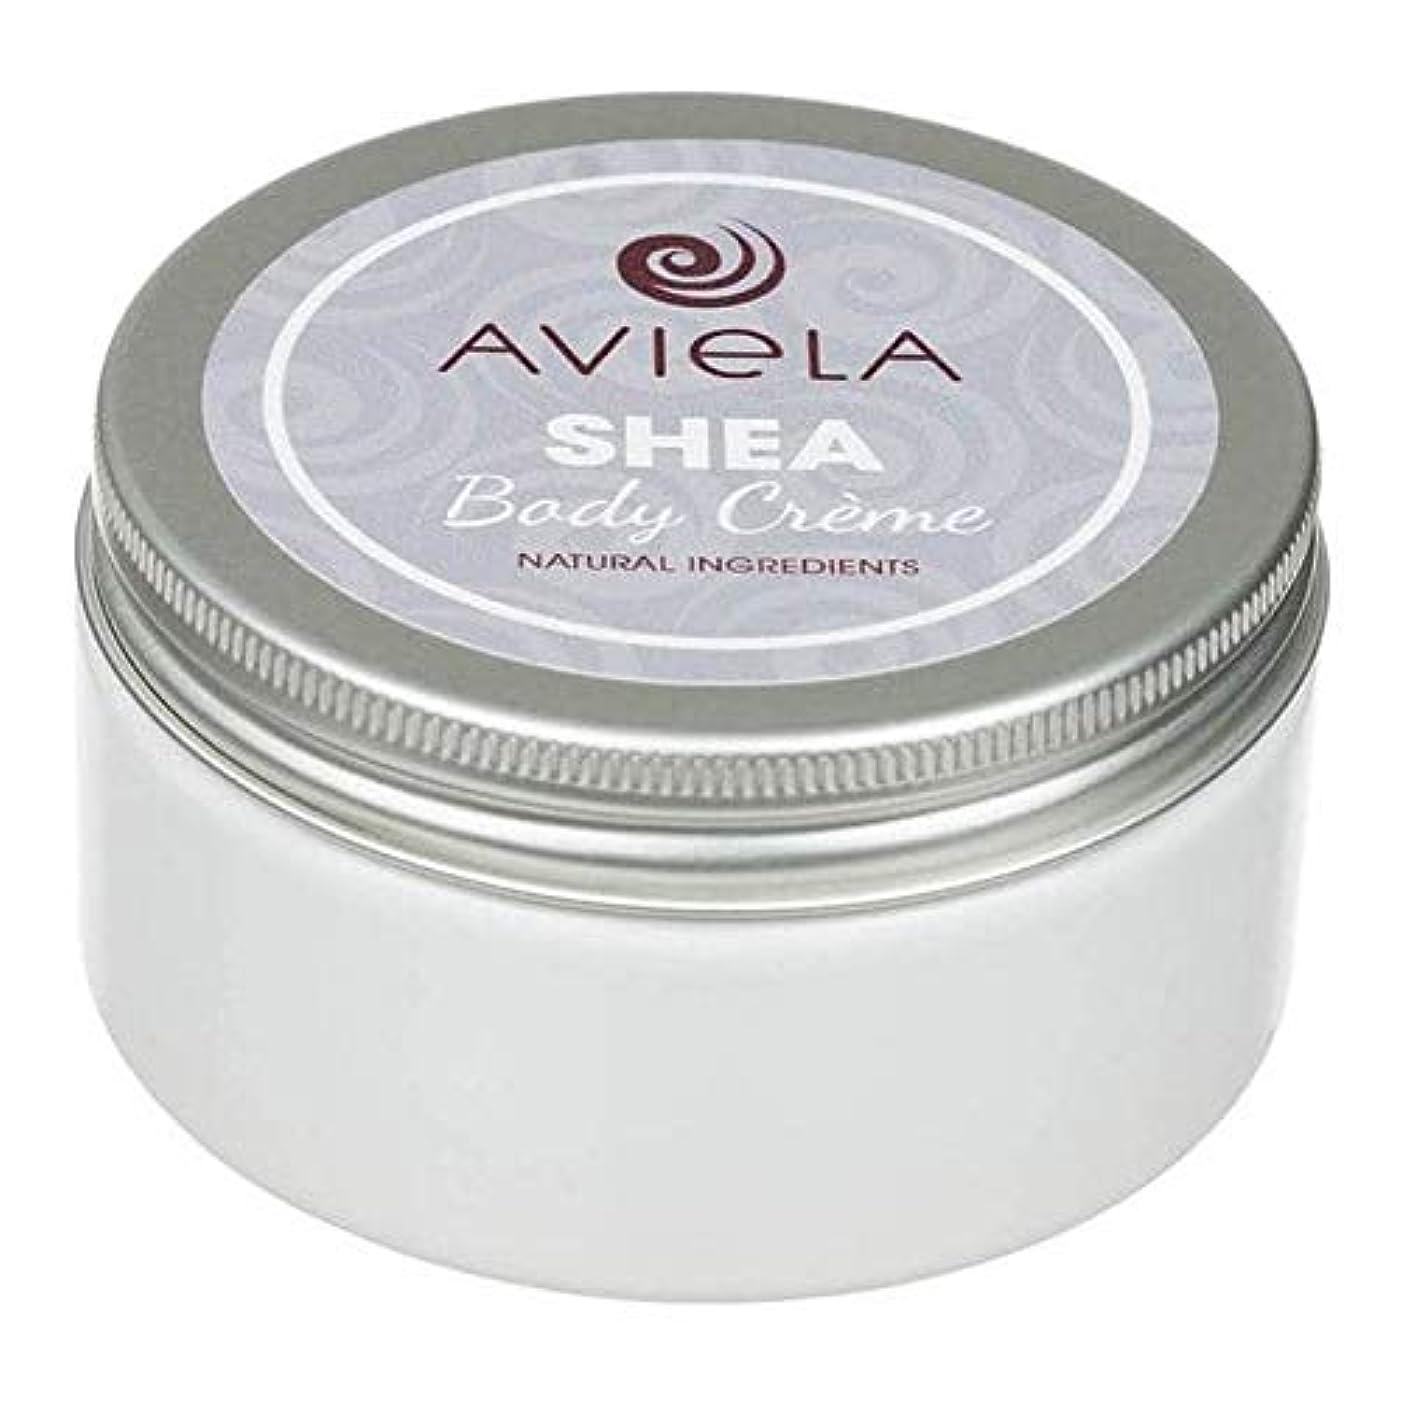 本当に体現するプレフィックス[Aviela] Avielaシアボディクリーム200グラム - Aviela Shea Body Creme 200g [並行輸入品]